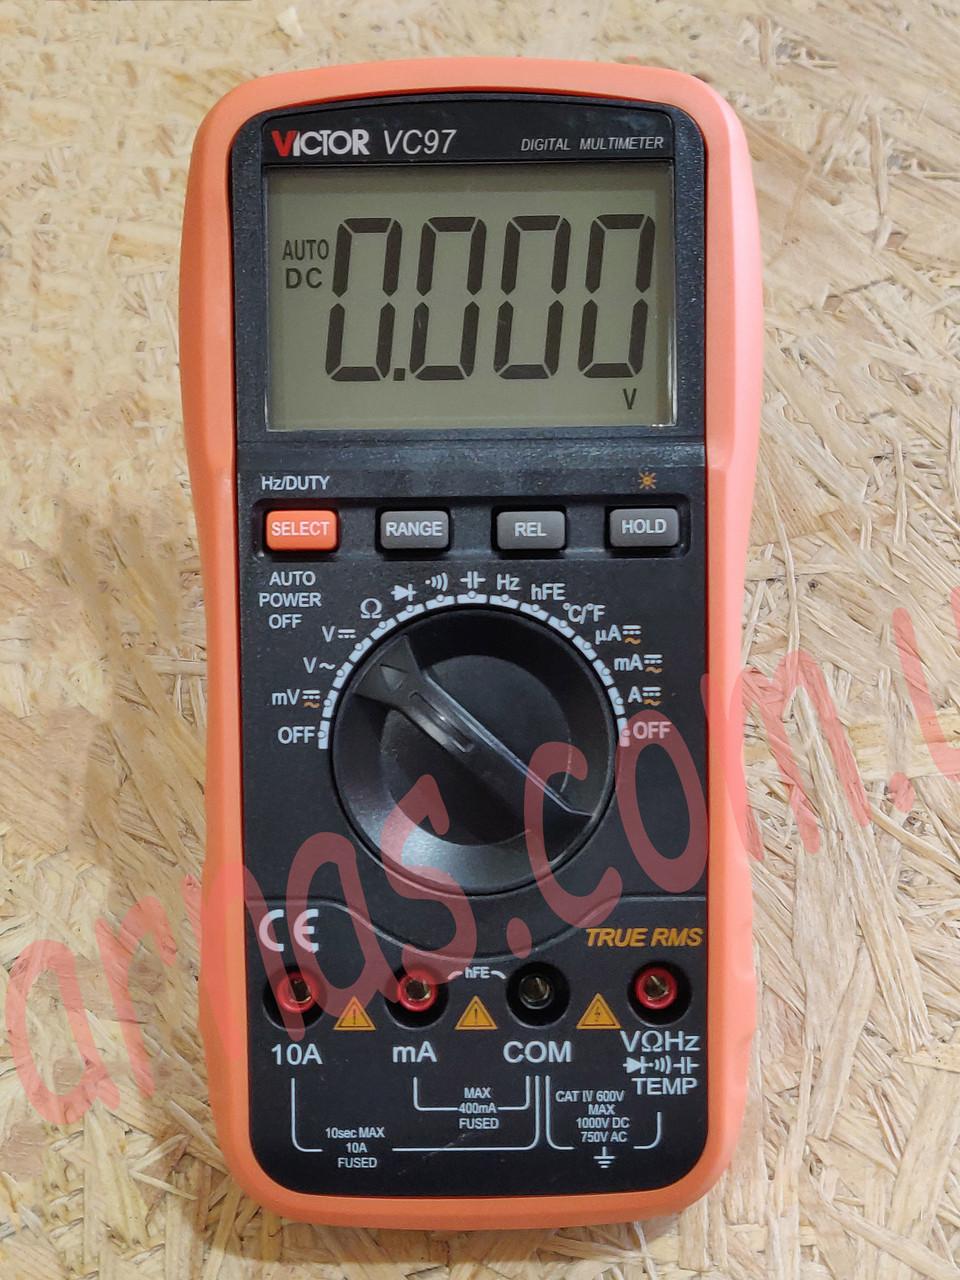 Мультиметр (тестер) Victor VC97 цифровой